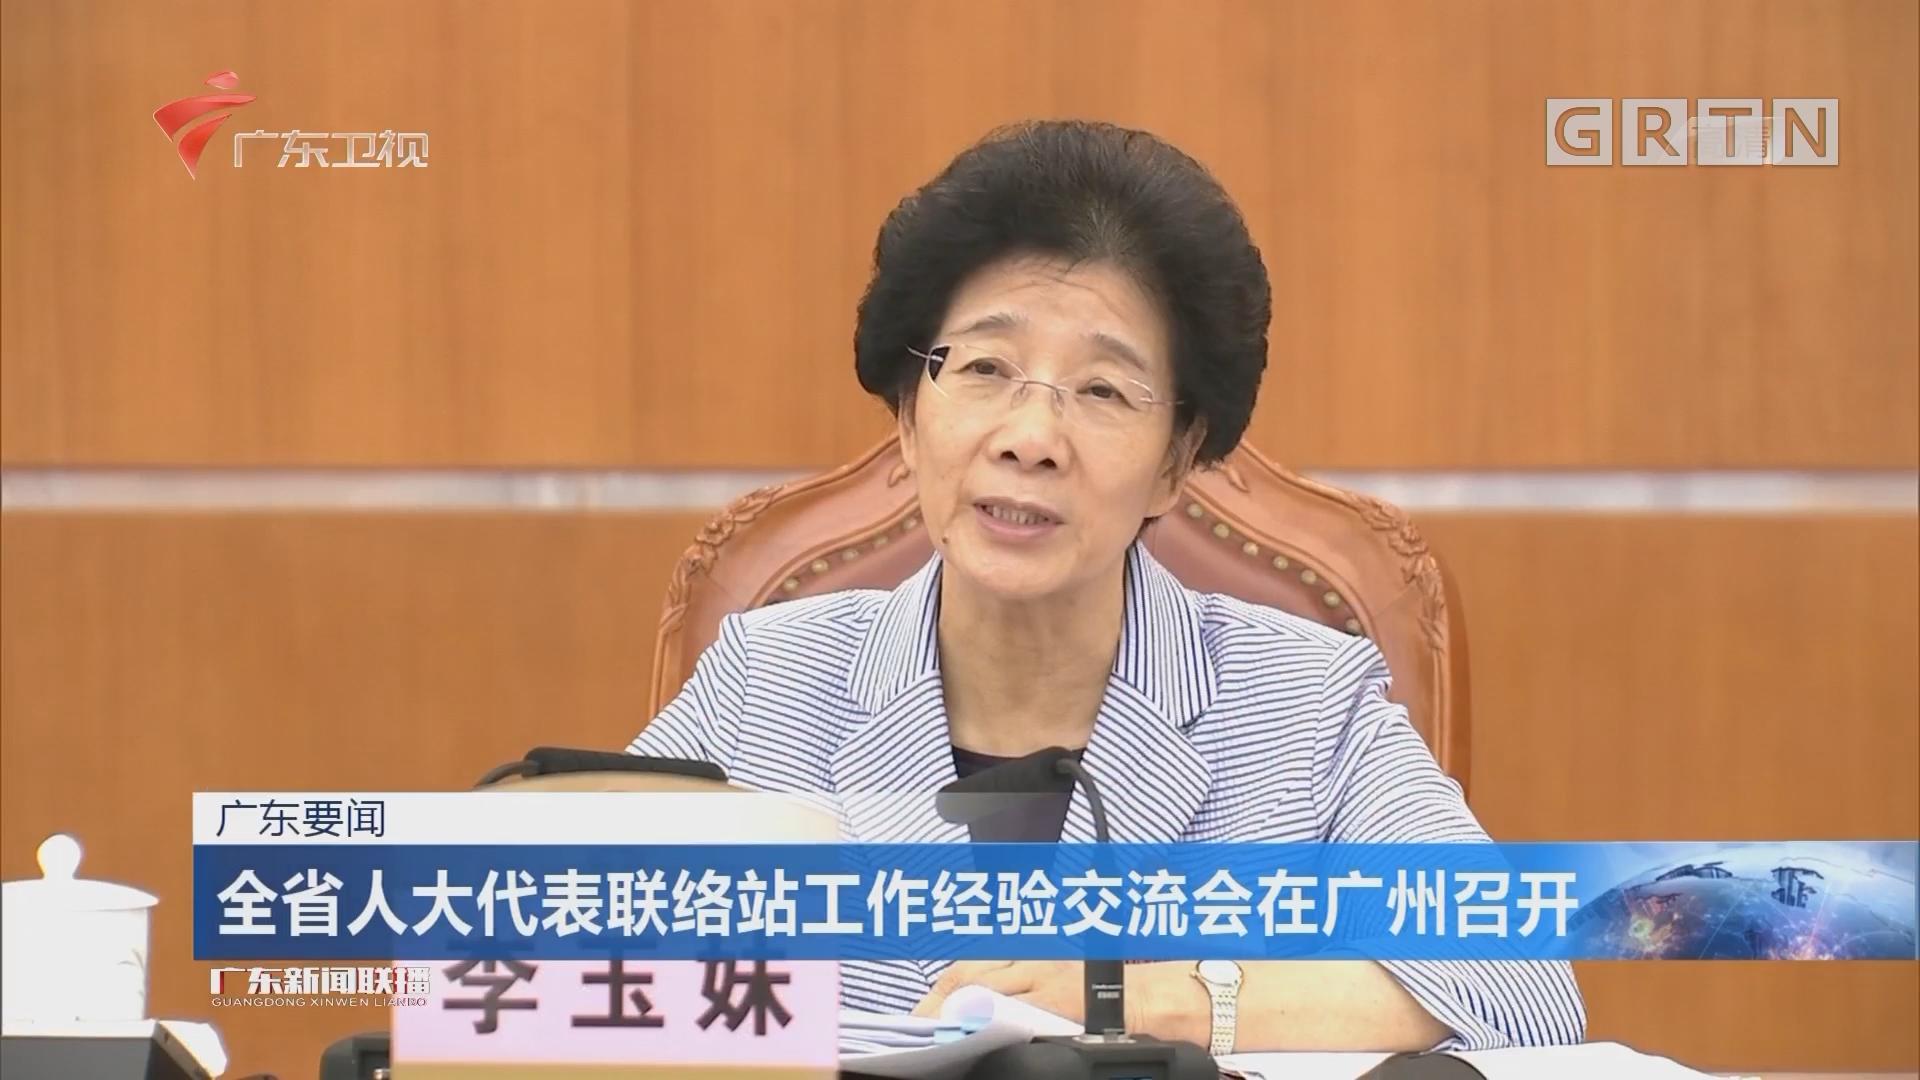 全省人大代表联络站工作经验交流会在广州召开